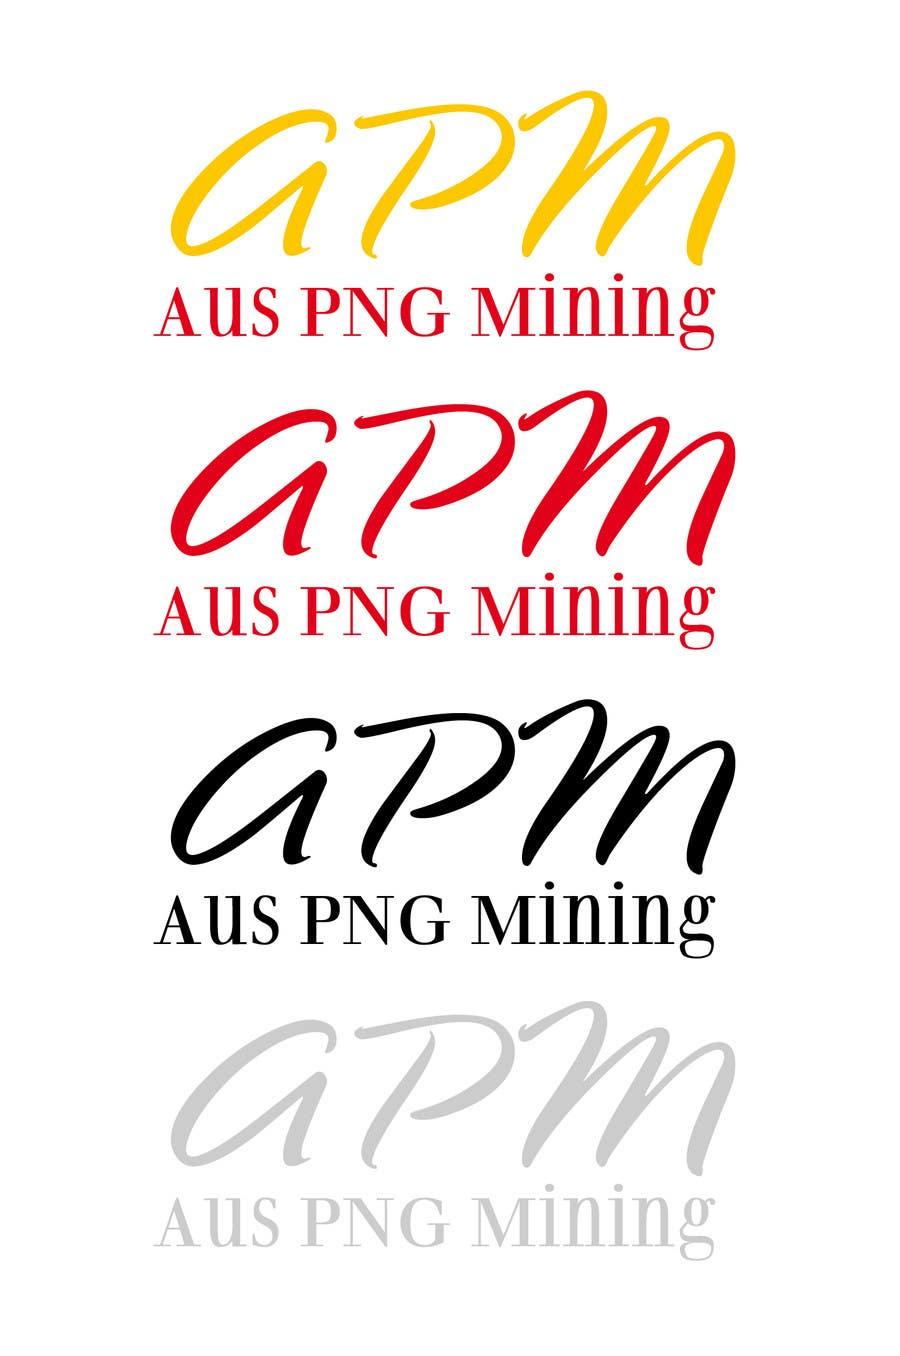 Bài tham dự cuộc thi #                                        22                                      cho                                         Design a Logo for Modern Mining Company